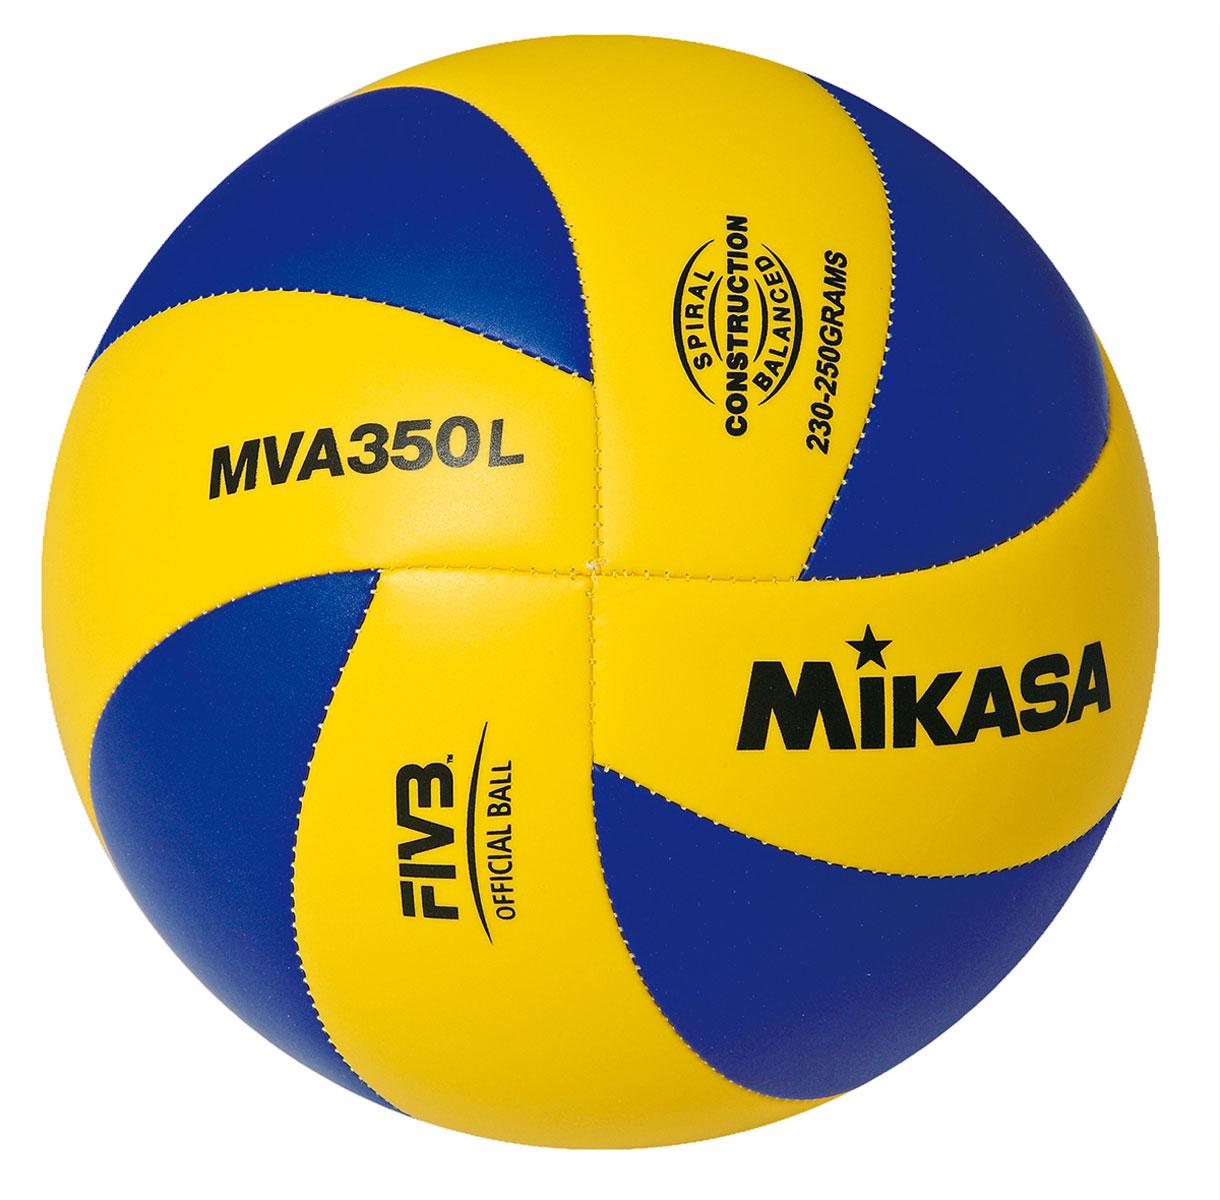 Мяч волейбольный Mikasa MVA 350 L. Размер 5120330_yellow/blackОптимальный подходит для поставок на тендеры. MVA 350 L это восьми панельный аналог мяча MGV 260 . Логотип FIVB Official - официальный стандарт FIVB для волейбольных мячей.